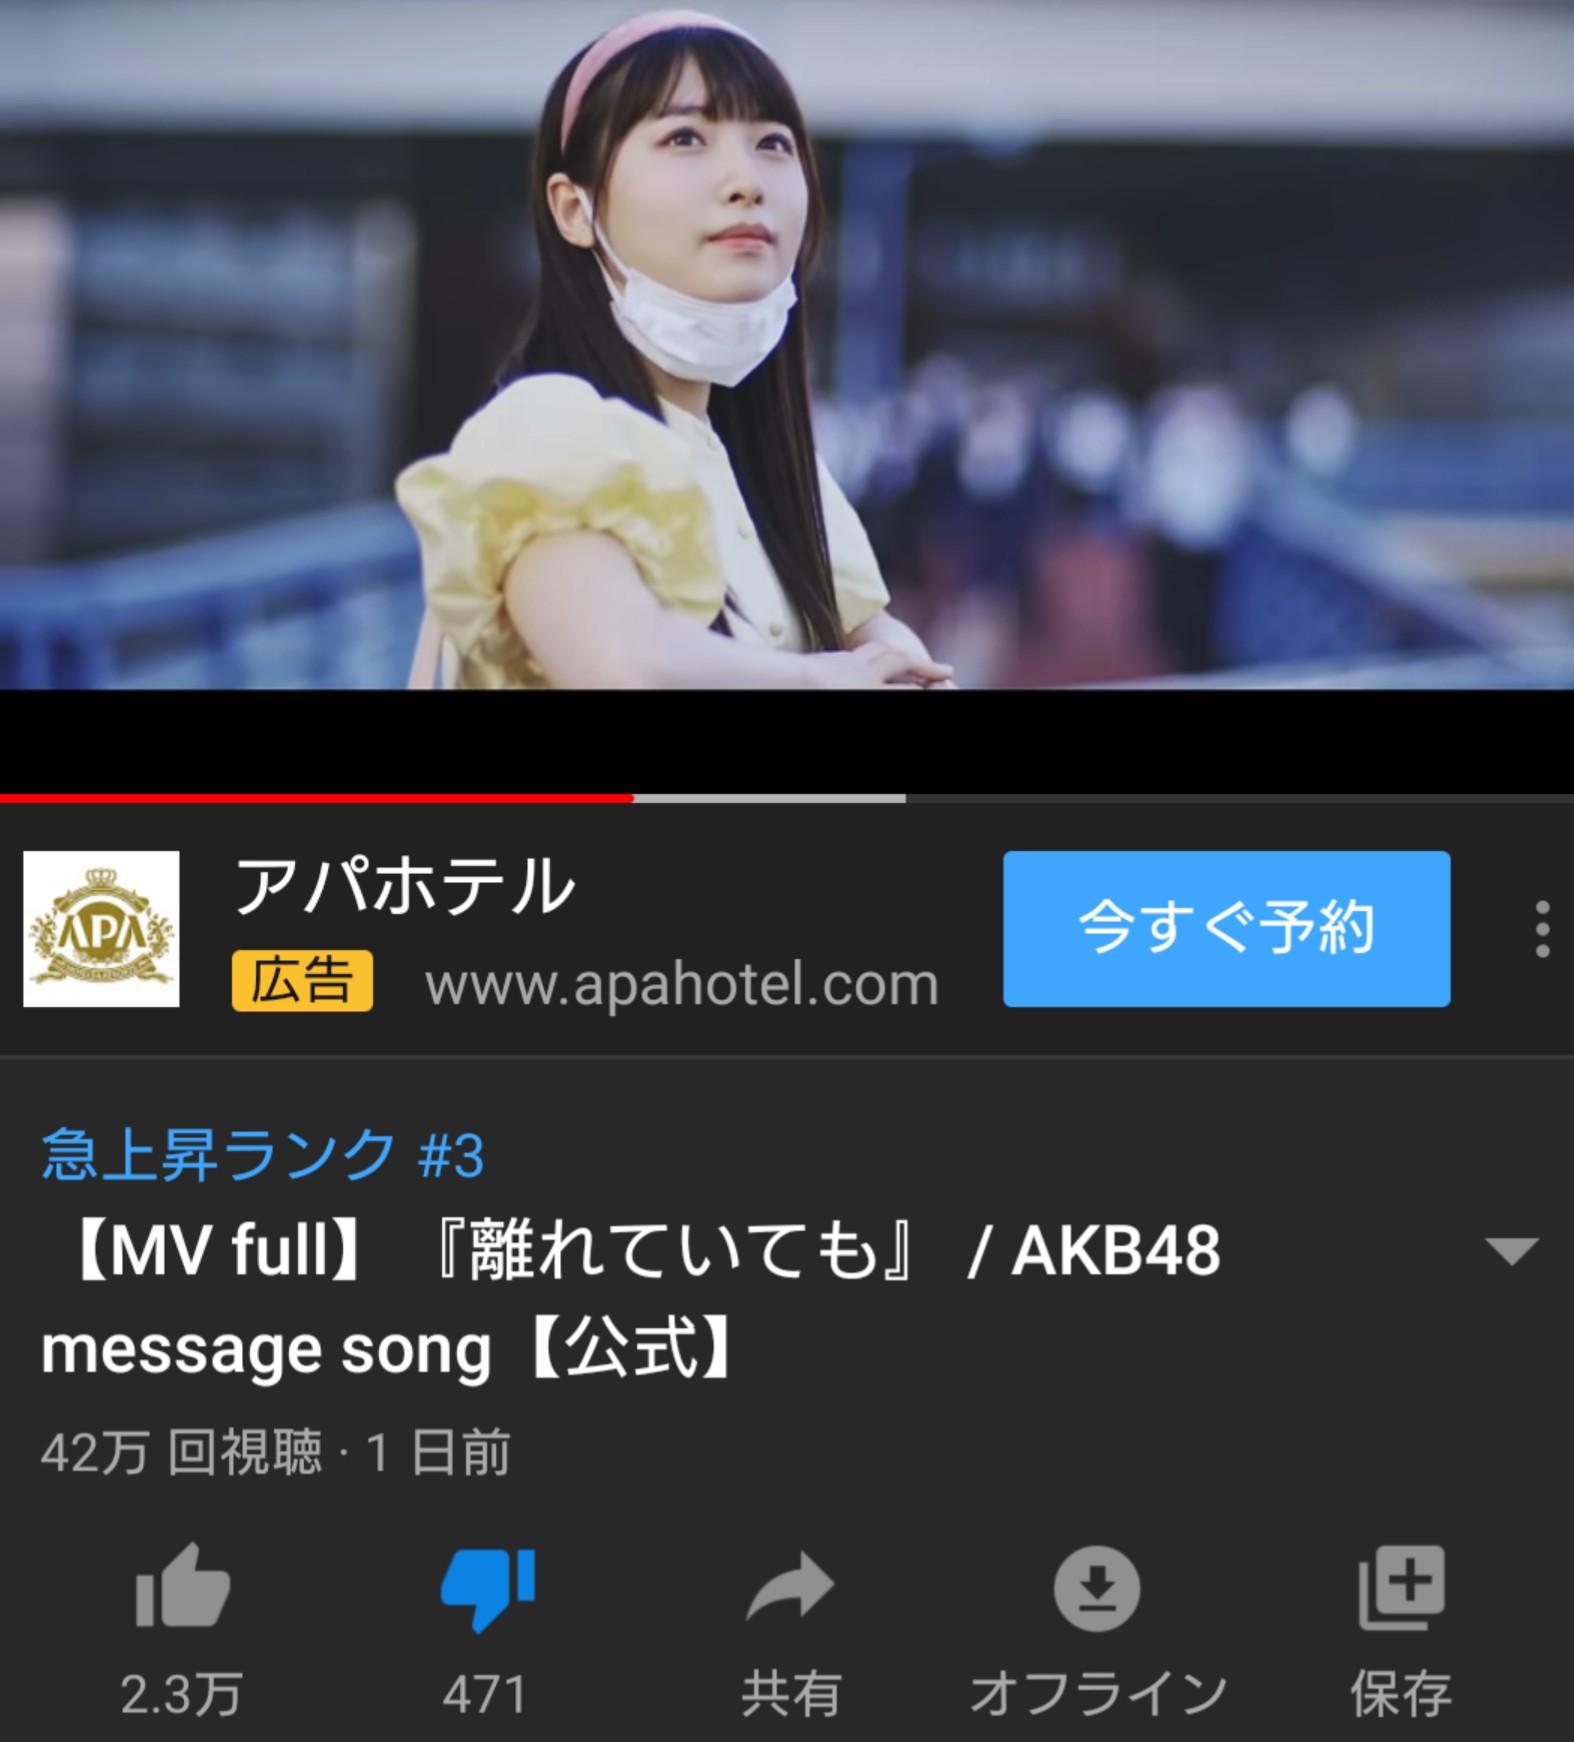 【朗報】AKB48レジェンドメンバーが参加した新曲「離れていても」MV再生数が1日で40万回を突破